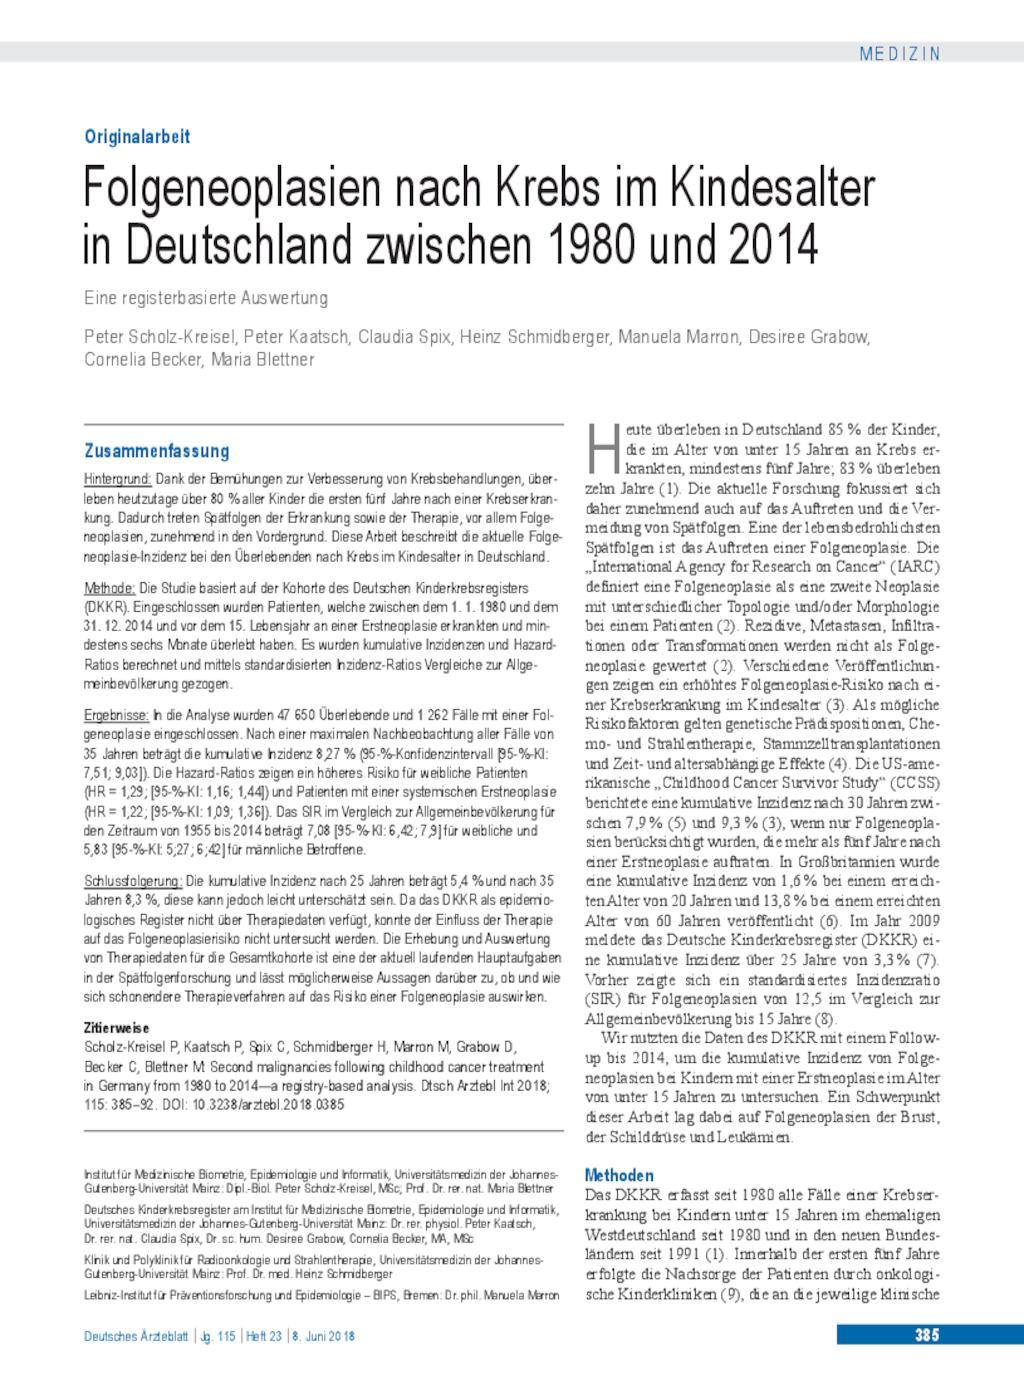 Folgeneoplasien Nach Krebs Im Kindesalter In Deutschland Zwischen